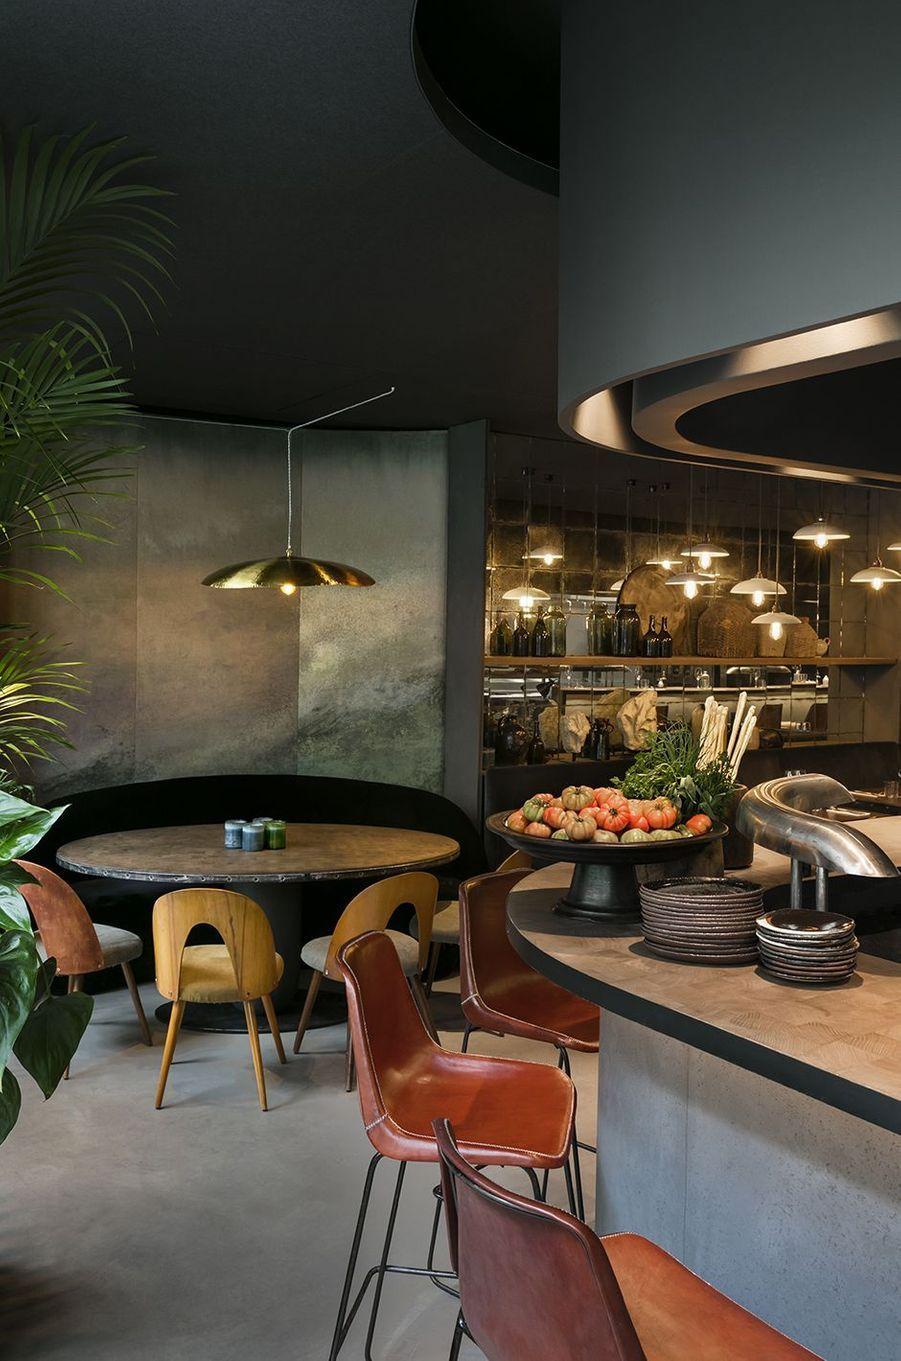 Le Ristorante National est situé au243 rue Saint-Martin dans le IIIe arrondissement de Paris